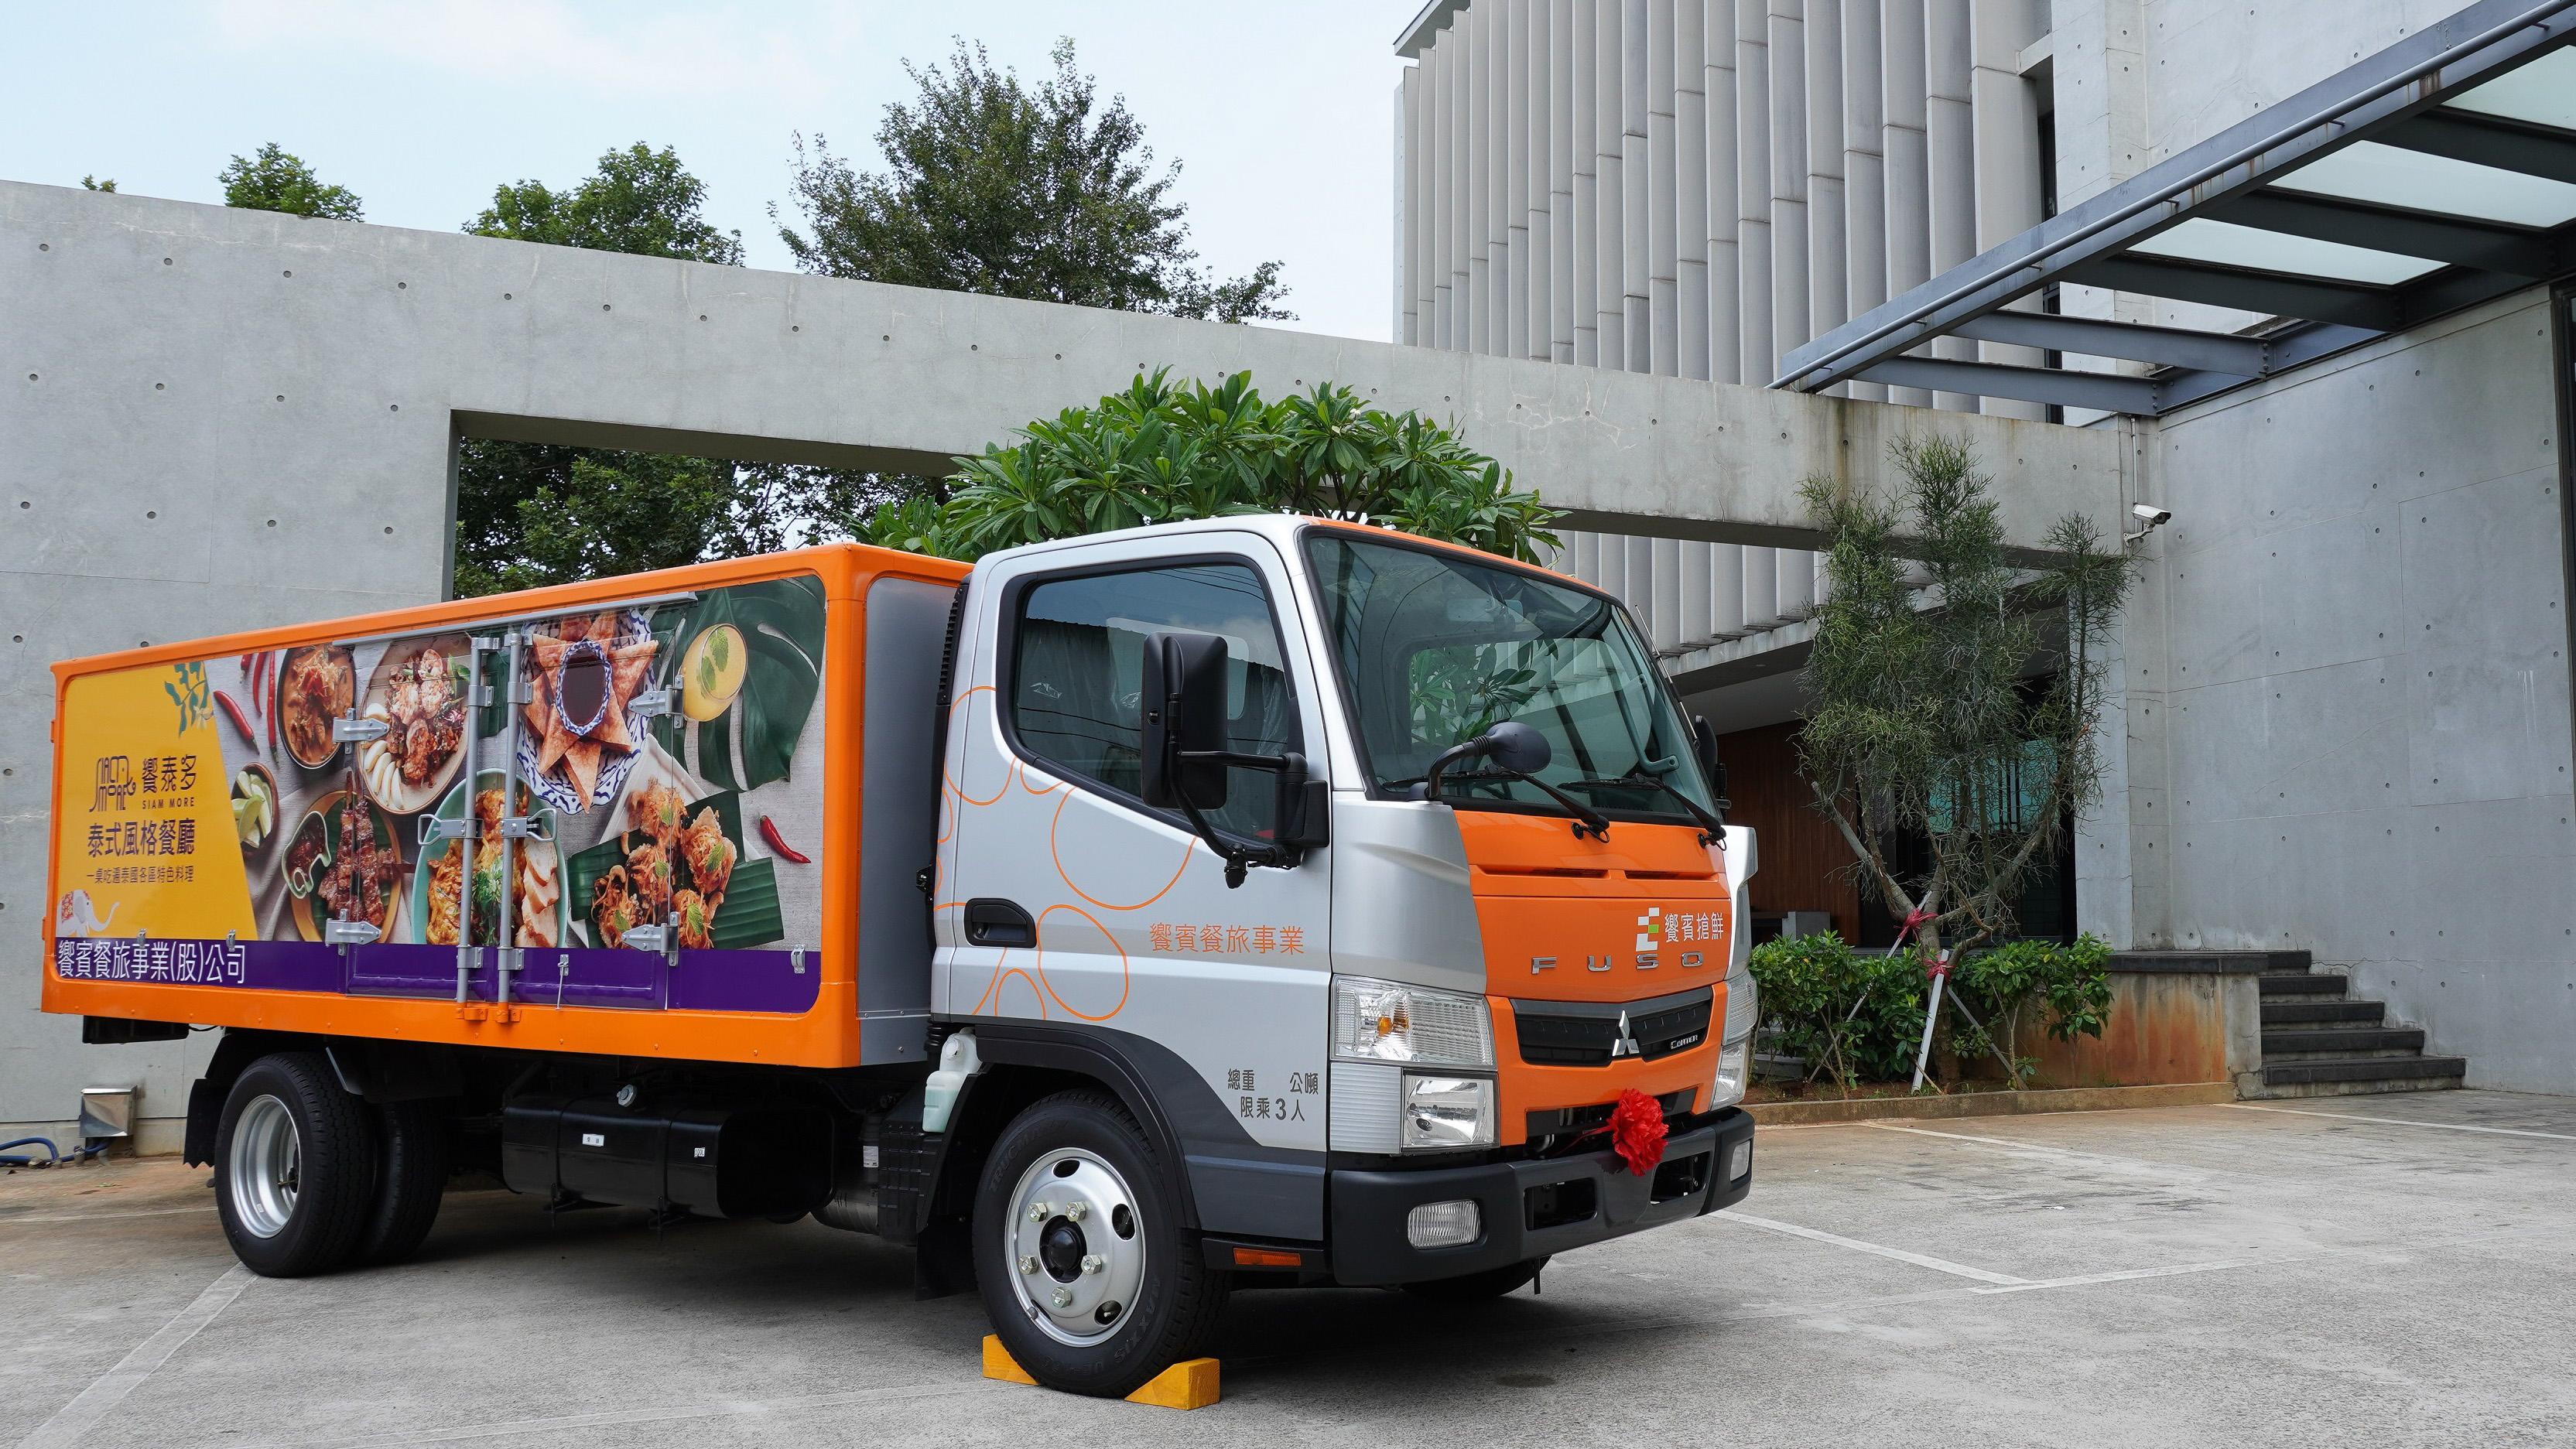 豈能盡如人意?交通部 3.5 噸小貨車升級 5 噸法規修改還有進步空間?